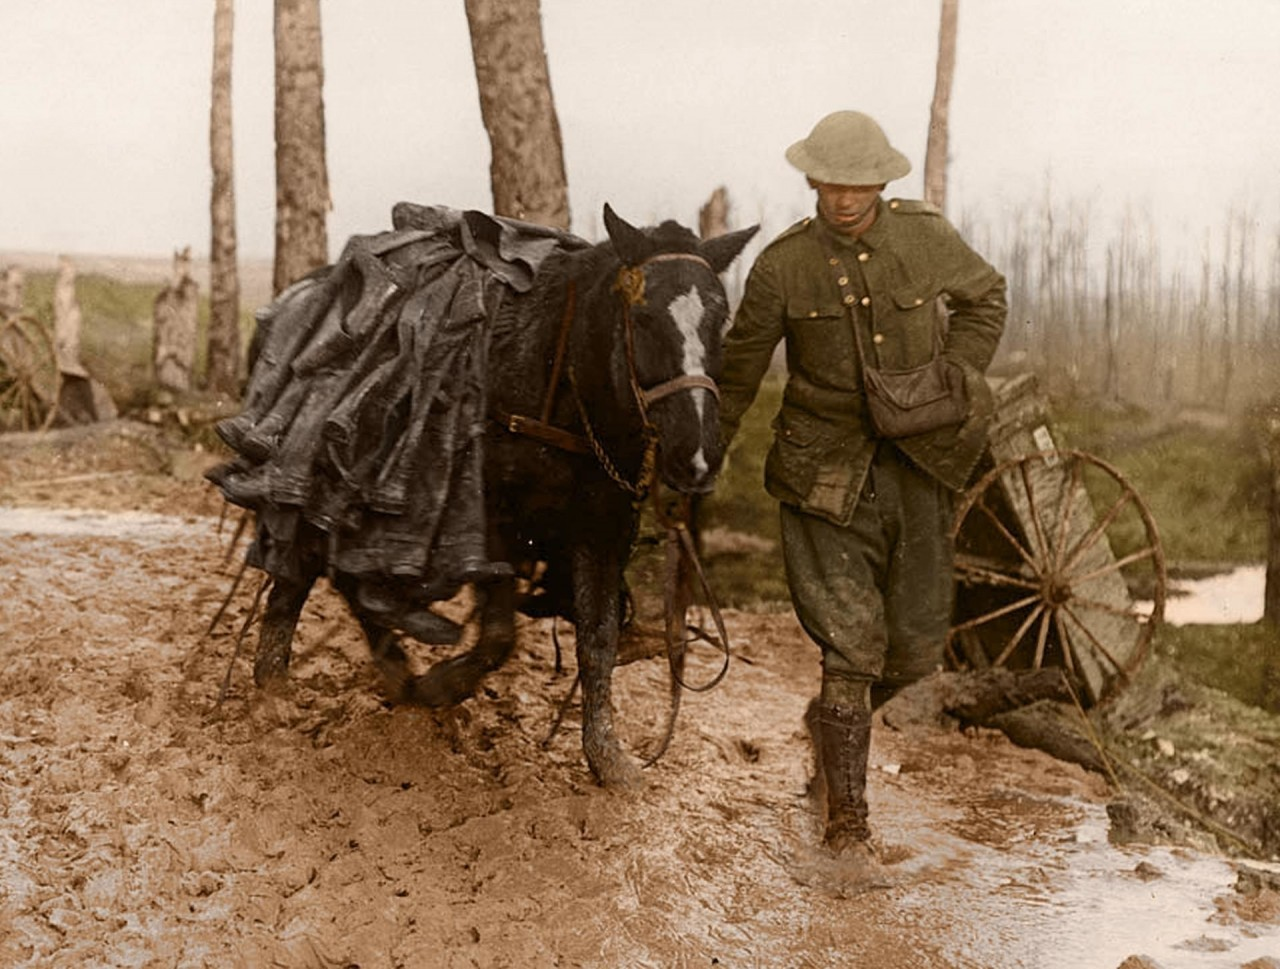 Транспортировка солдатских сапог на лошади архивное фото, колоризация, колоризация фотографий, колоризированные снимки, первая мировая, первая мировая война, фото войны